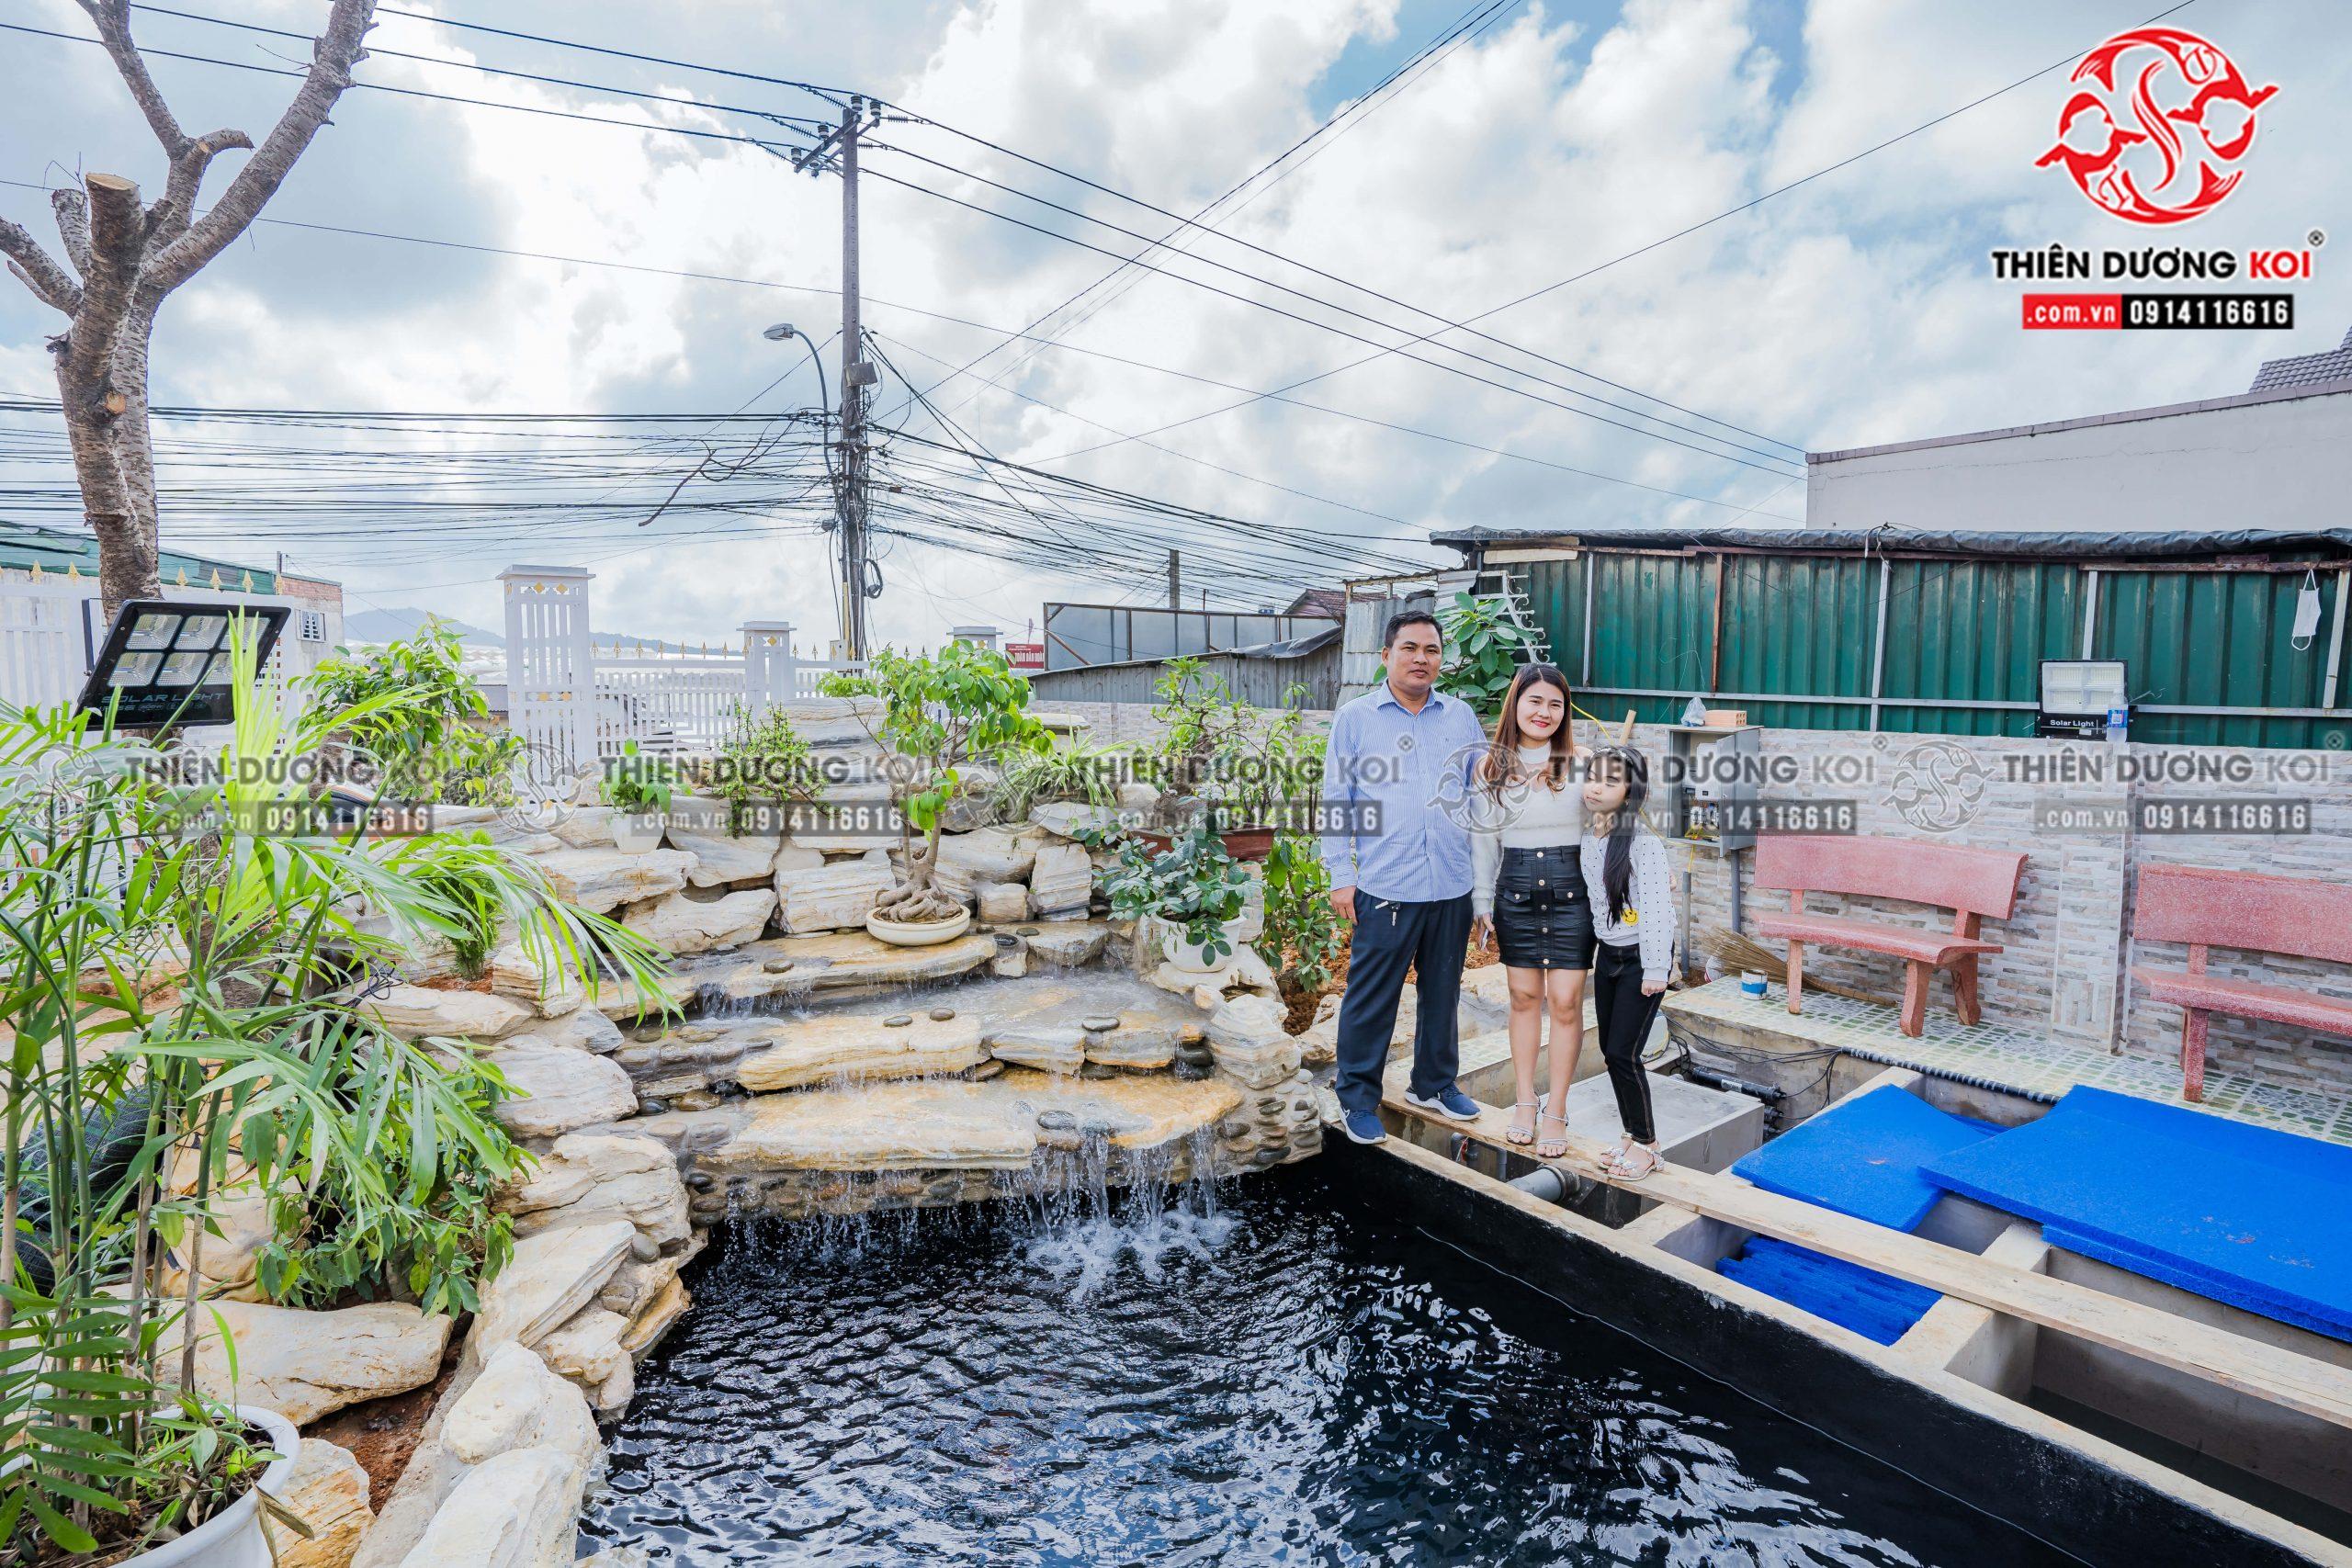 Hồ cá koi của Chị Nhu sau khi đã hoàn thiện